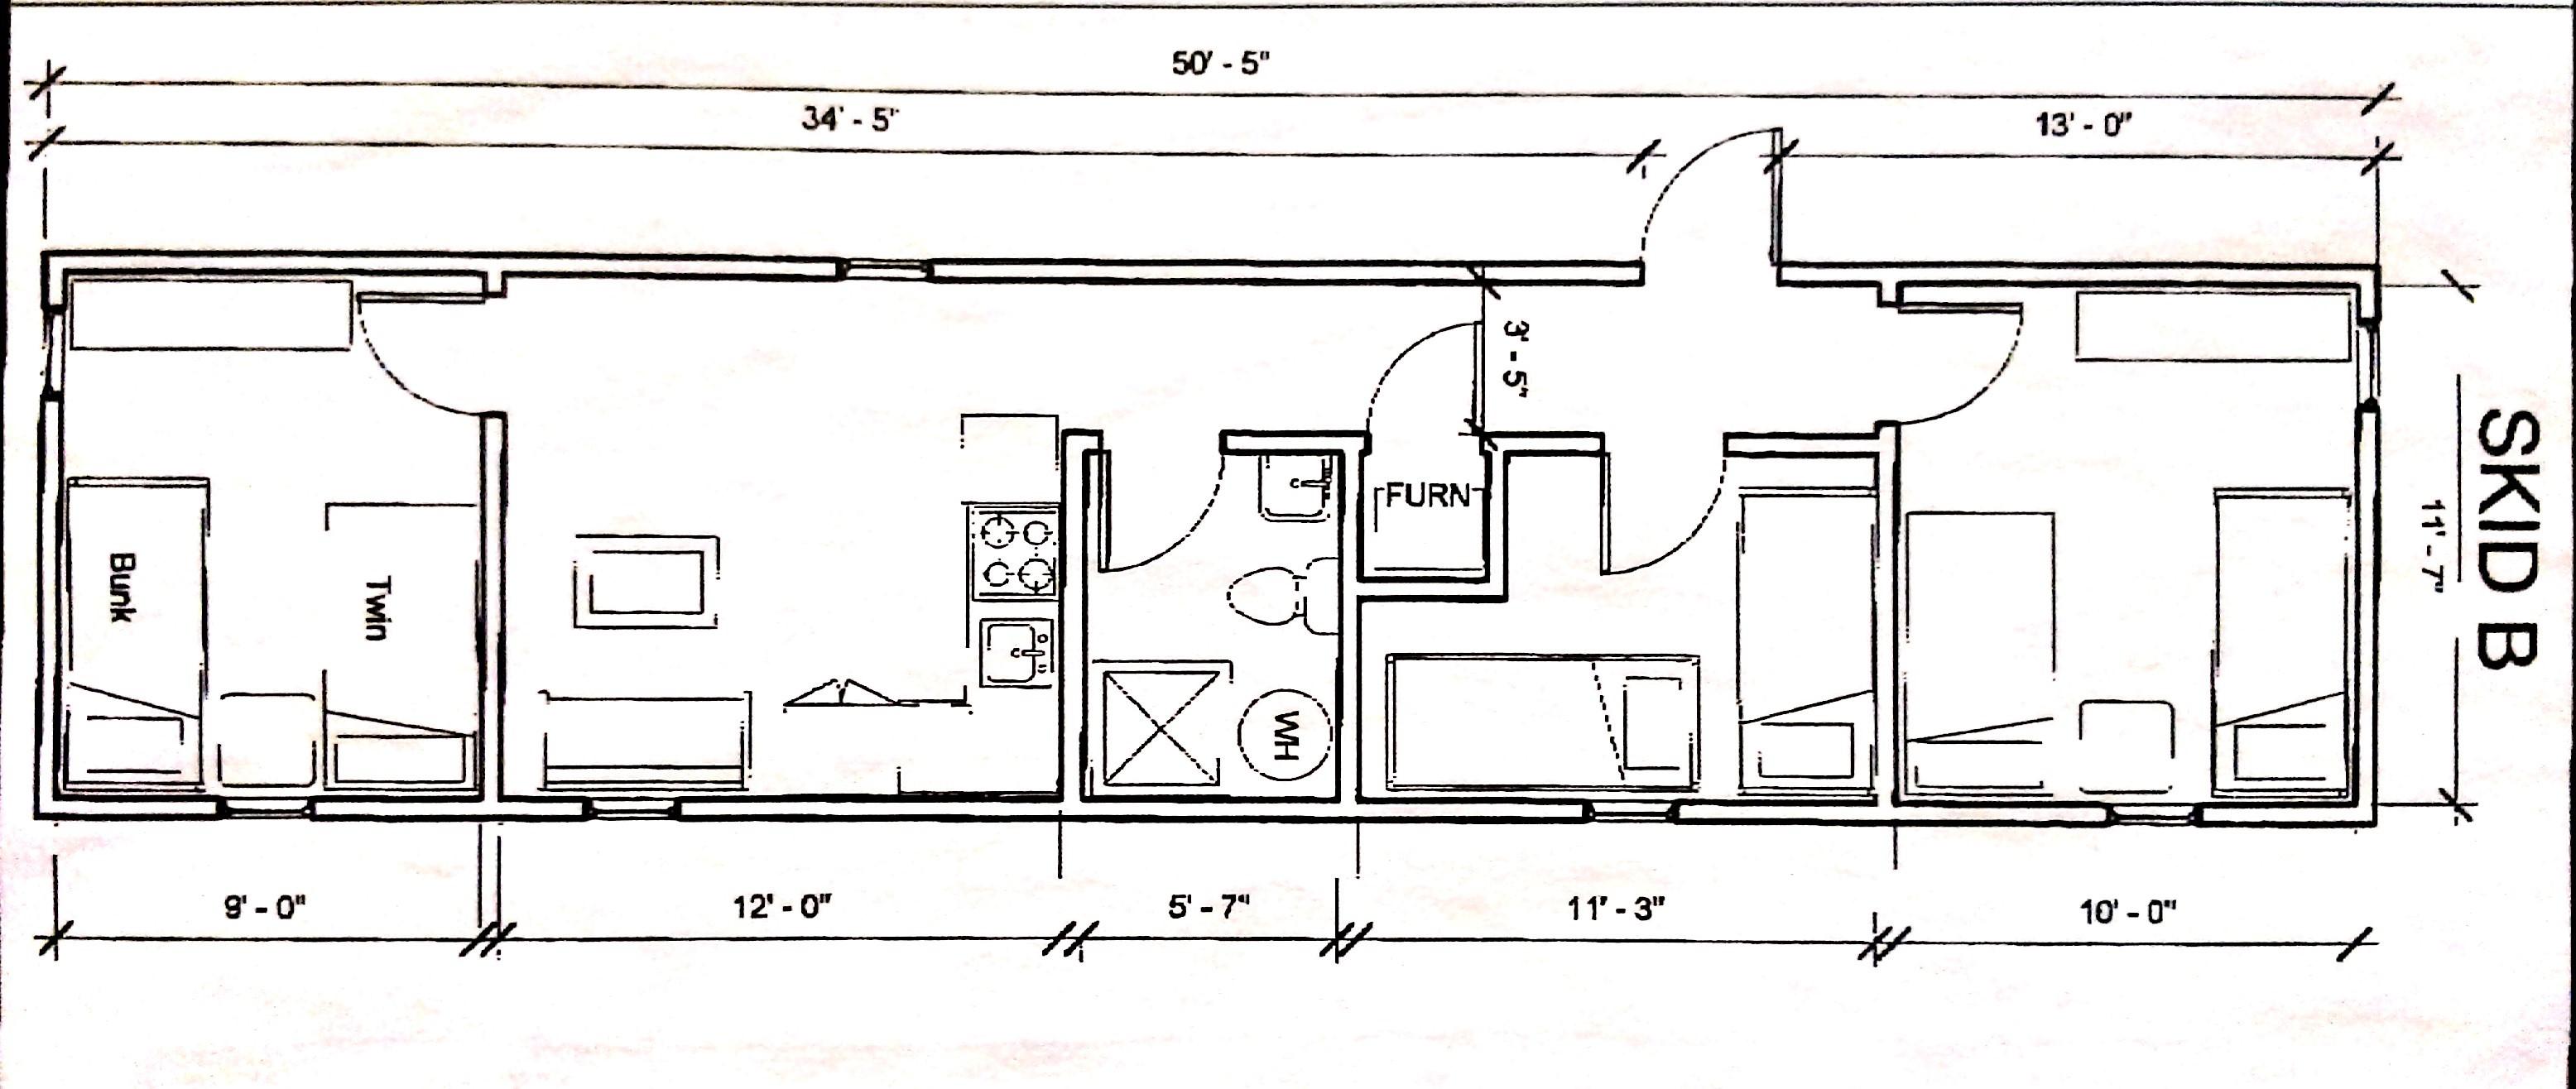 diagram of bunkhouse bunk house 4  bunk house 4